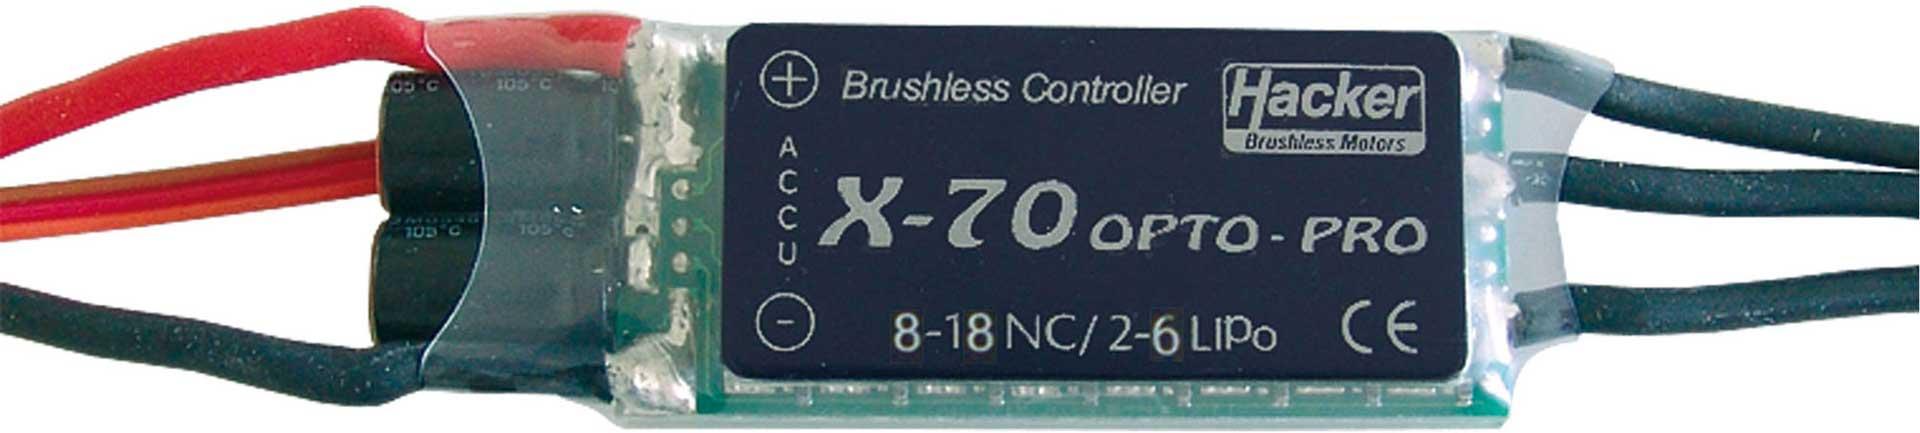 X-70 PRO OPTO BRUSHLESS REGLER HACKER